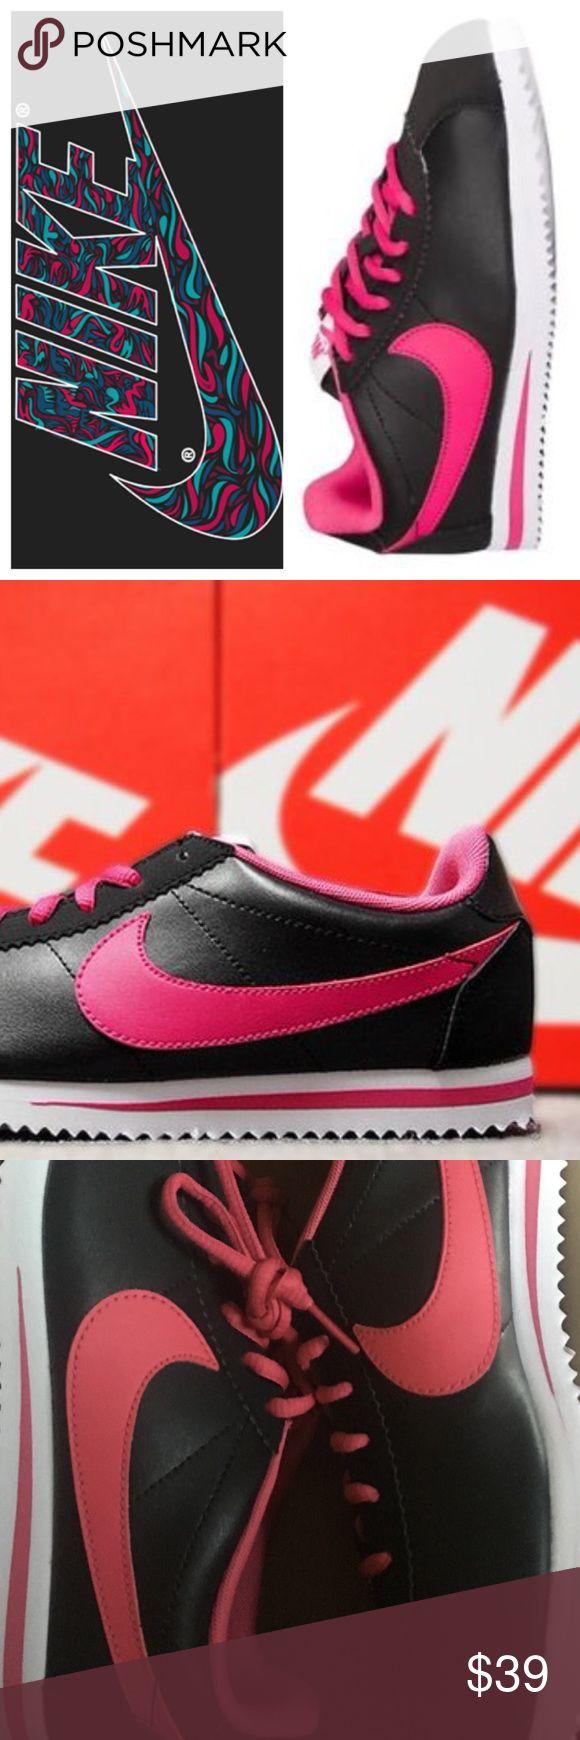 Beautiful Womens Nike KD 8 Suit Shoes Price 7400  Shox NZ  Nike Shox NZ